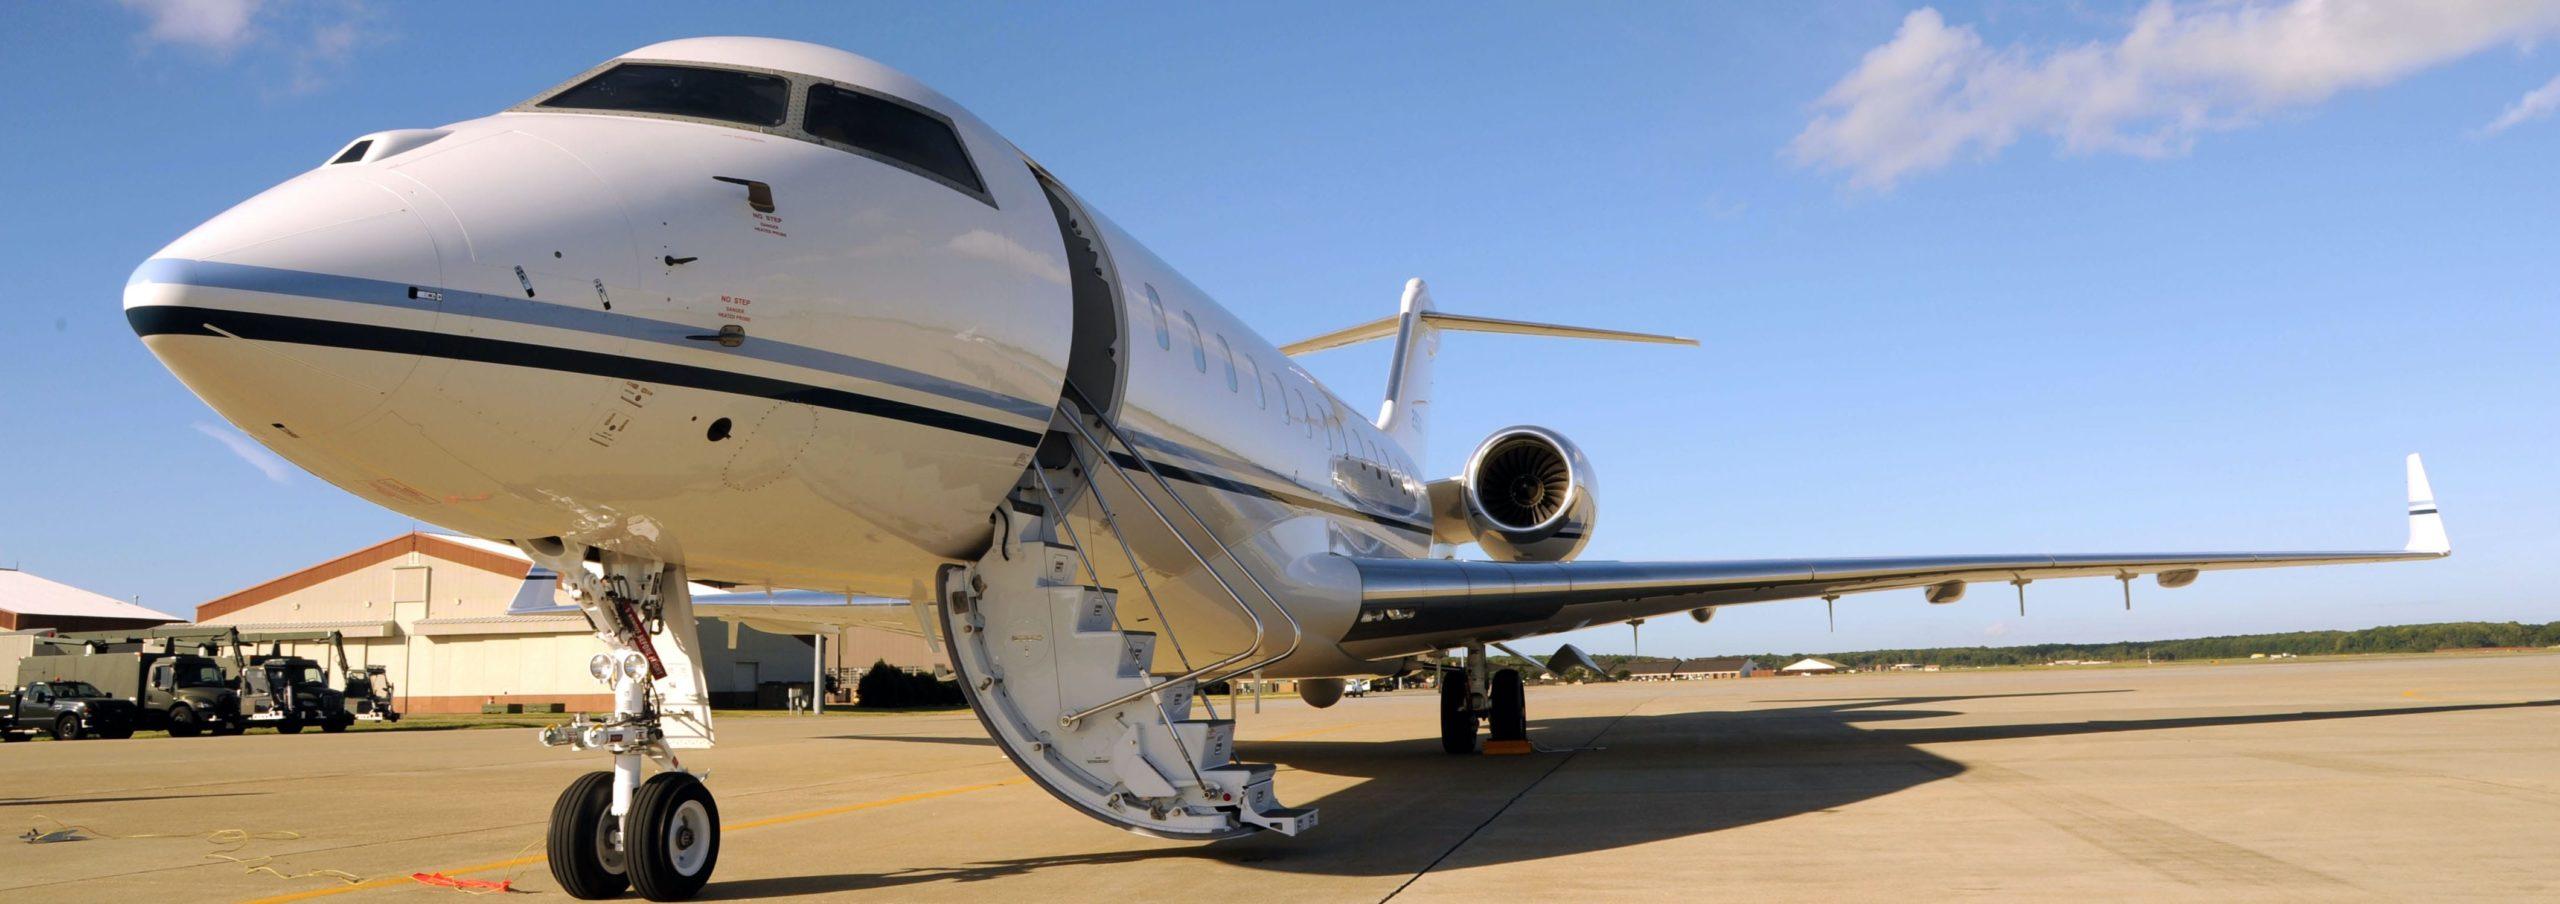 Location de jets privés avec Menkor Aviation